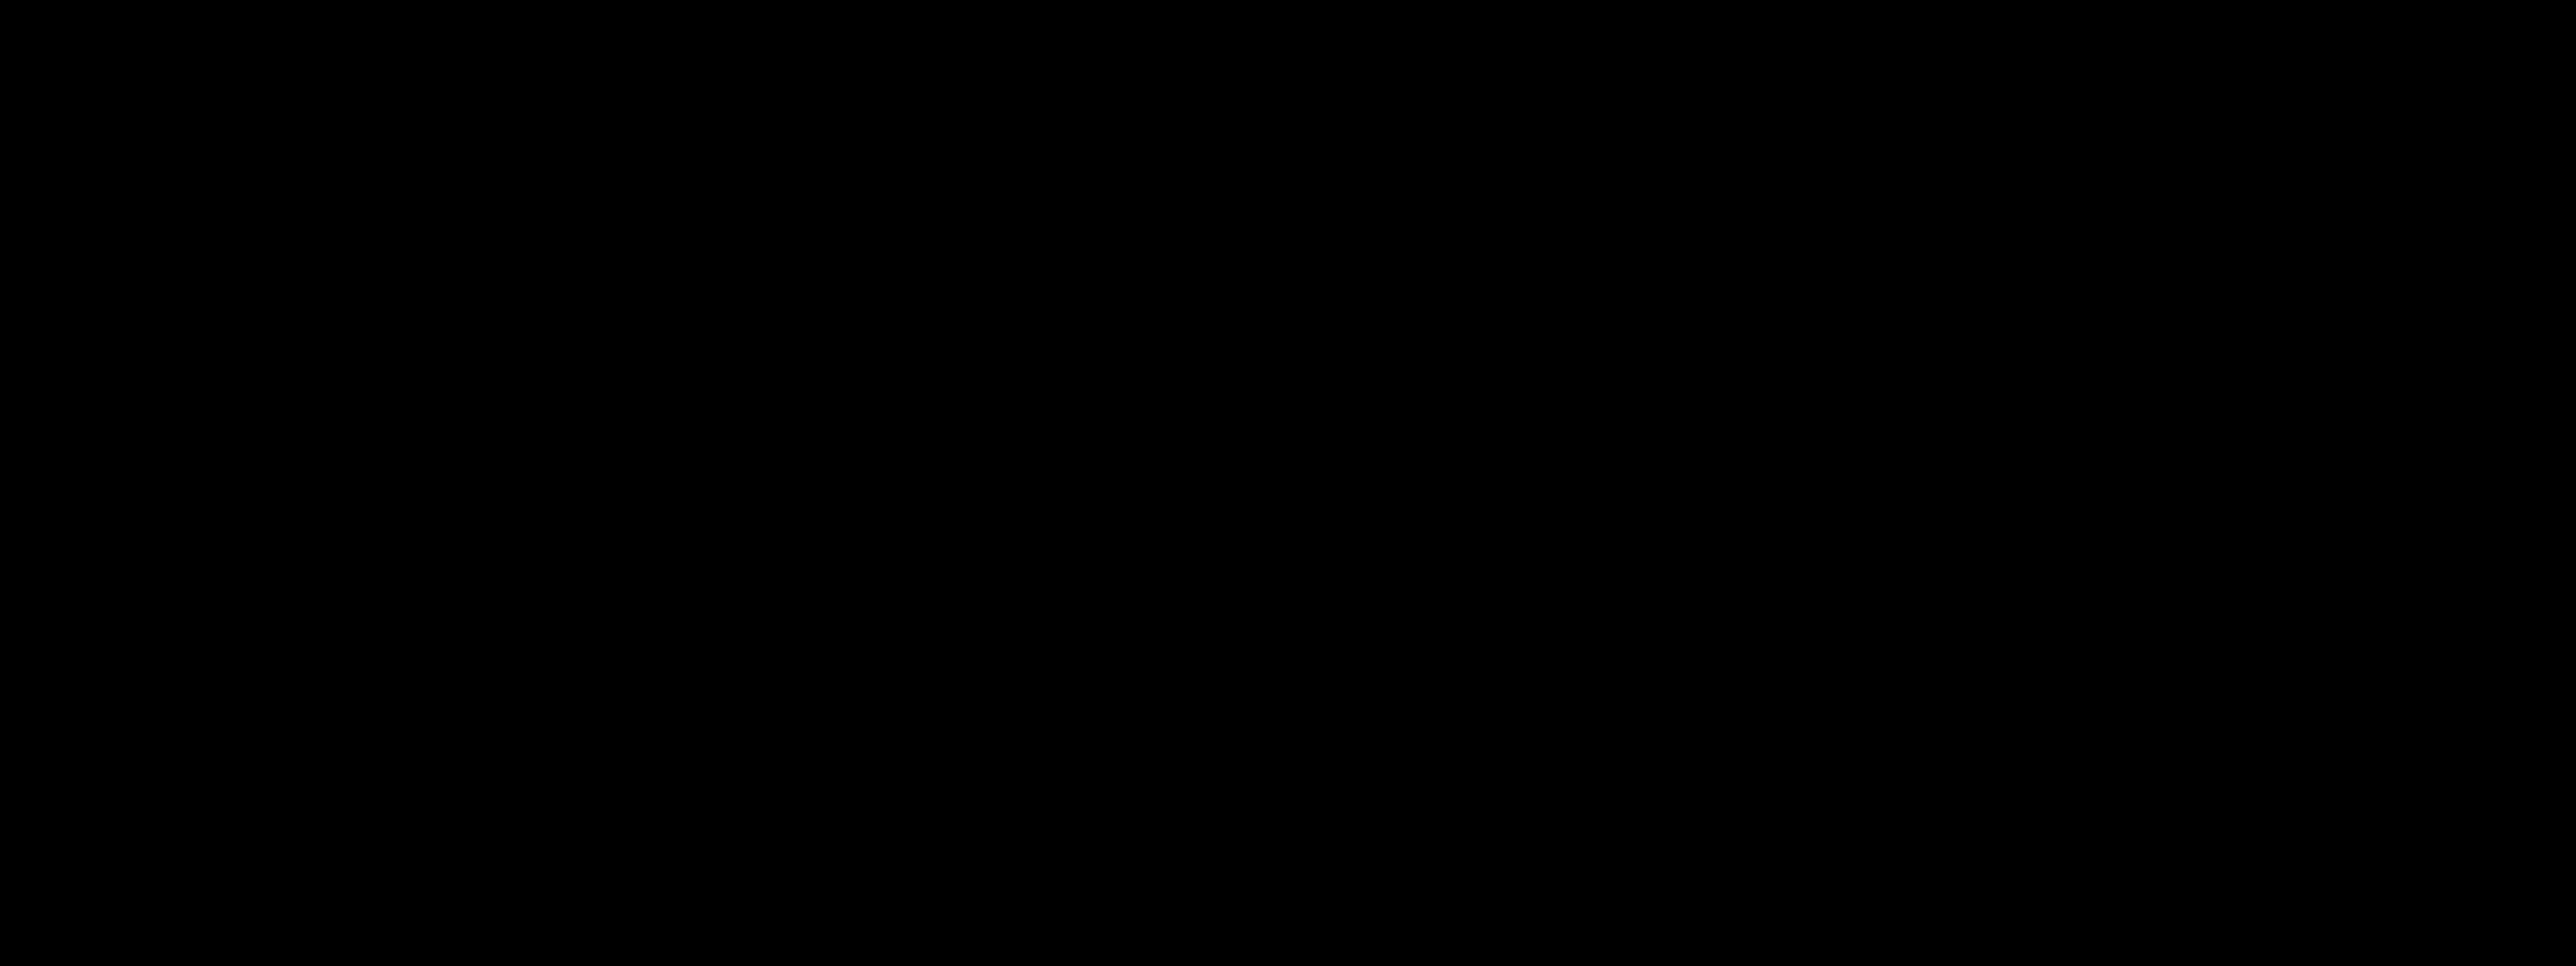 Ballard Property - James Ball Team